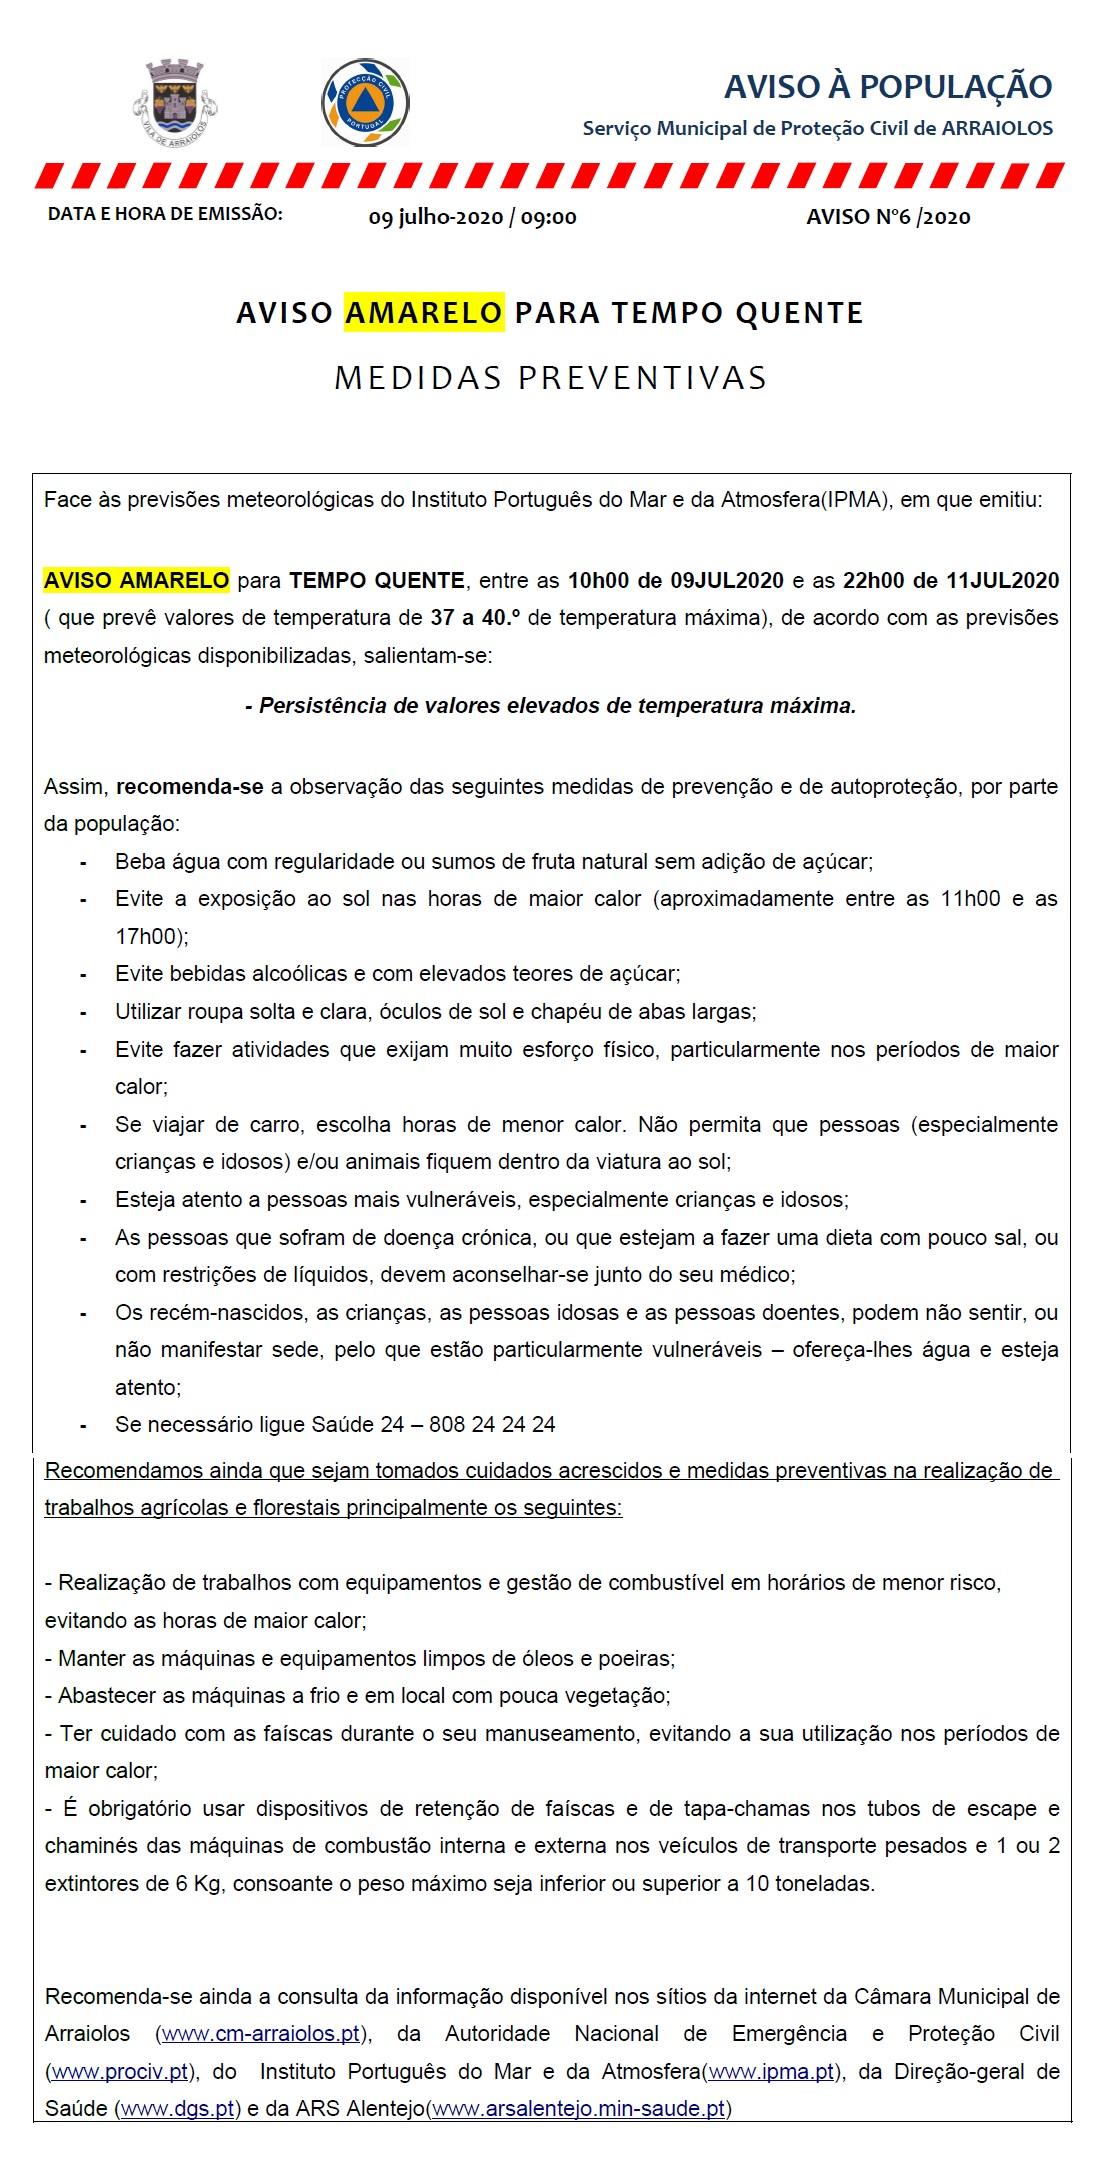 Aviso06_AMARELO_Pop_TEMPO QUENTE_09Julho2020.jpg